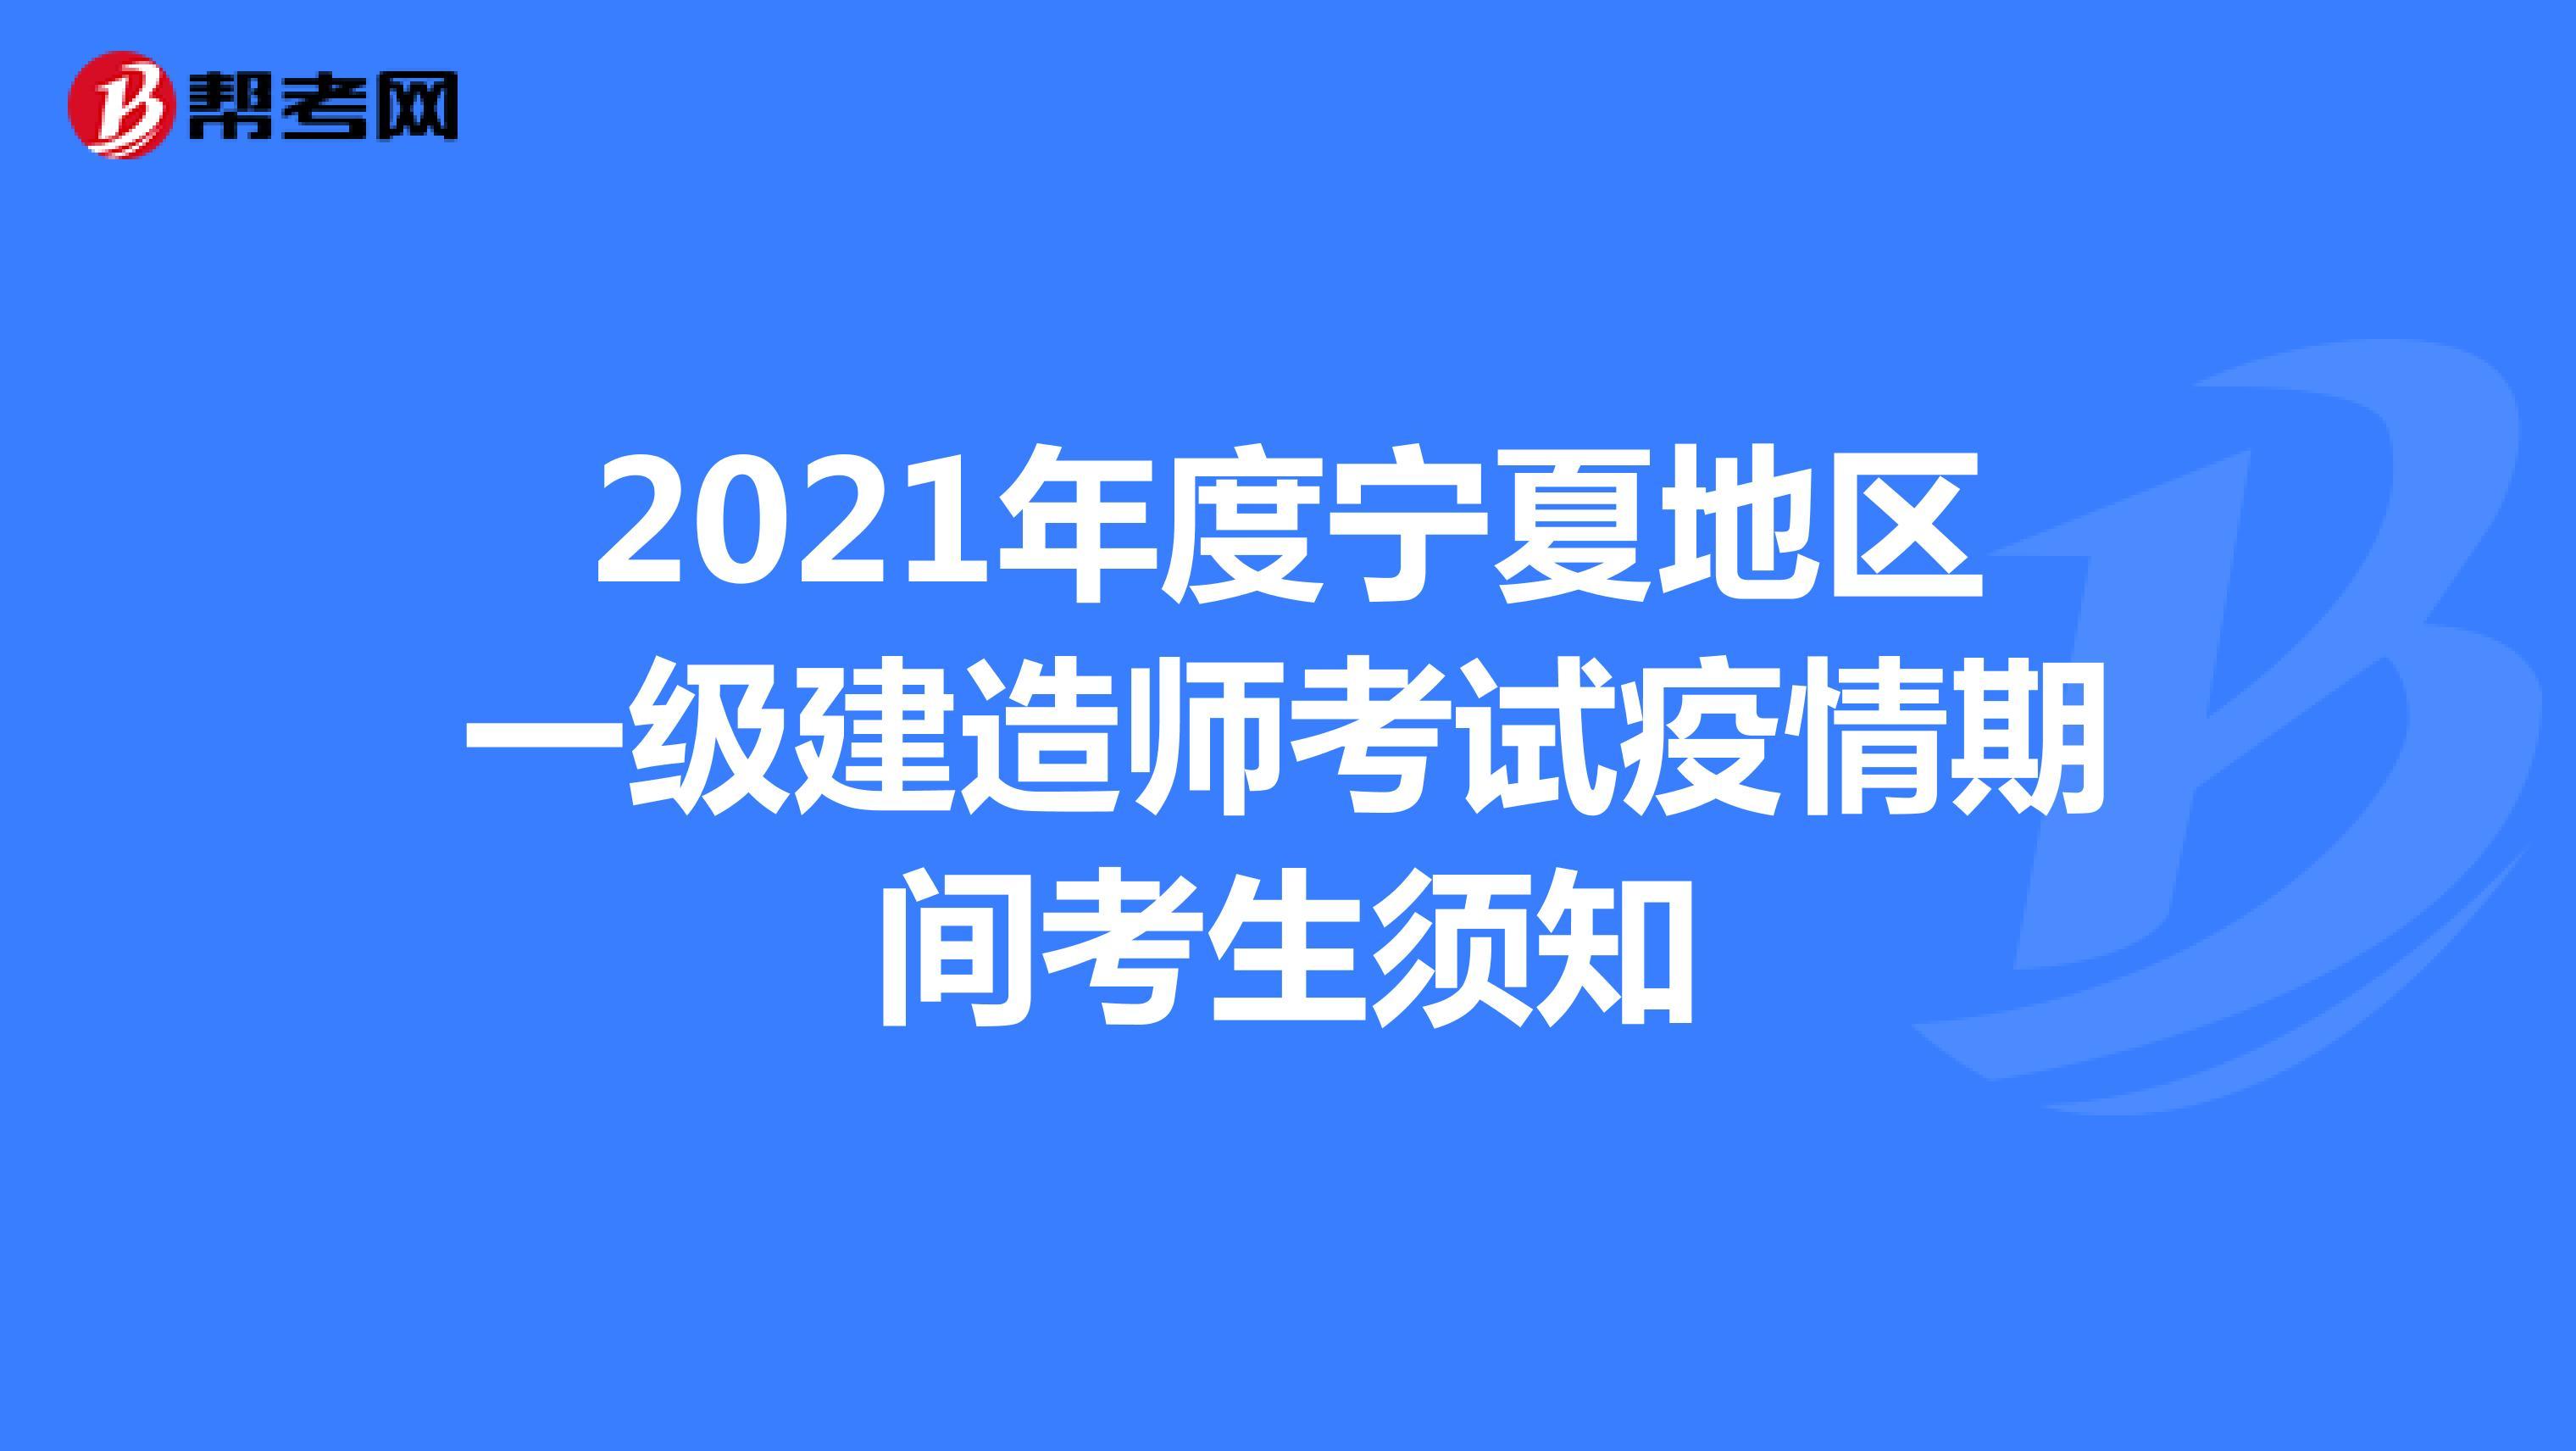 2021年度宁夏地区一级建造师考试疫情期间考生须知